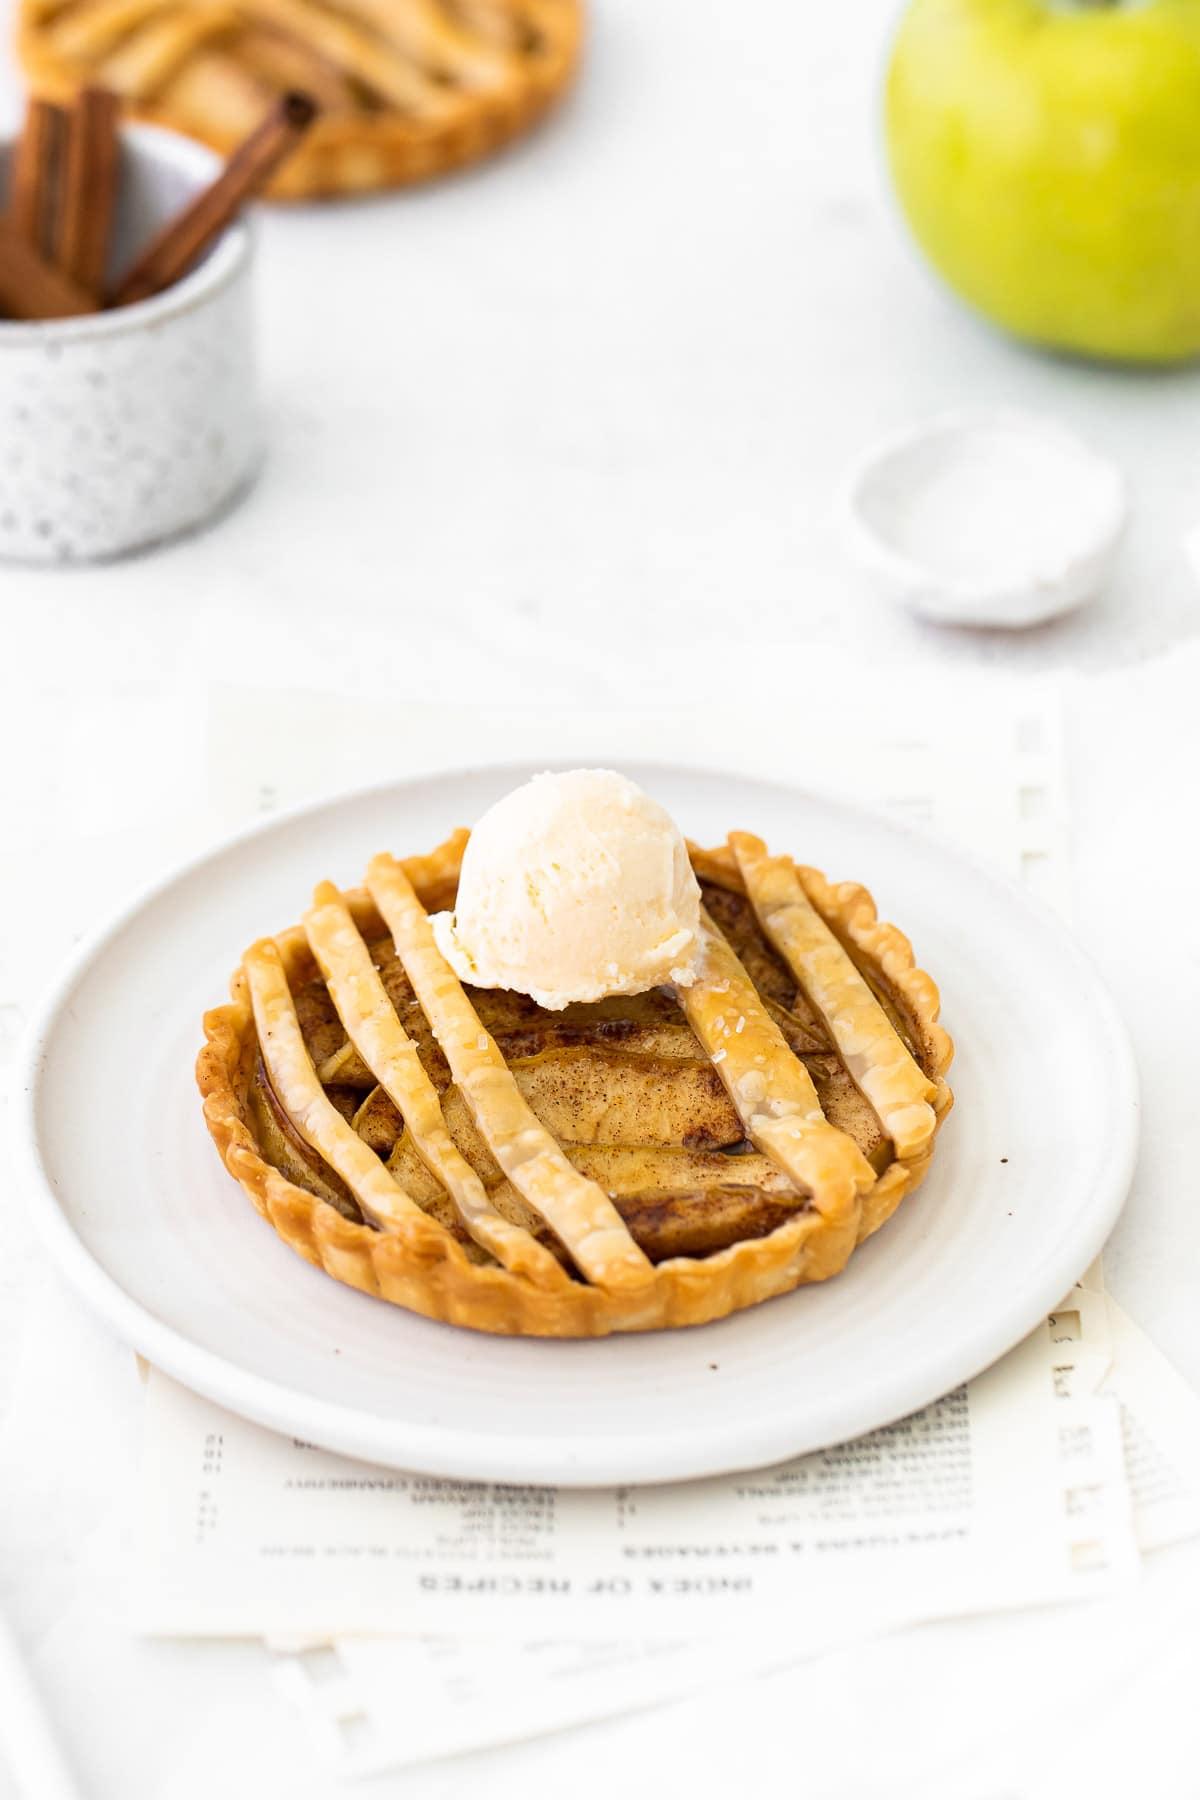 apple tart topped with vanilla ice cream